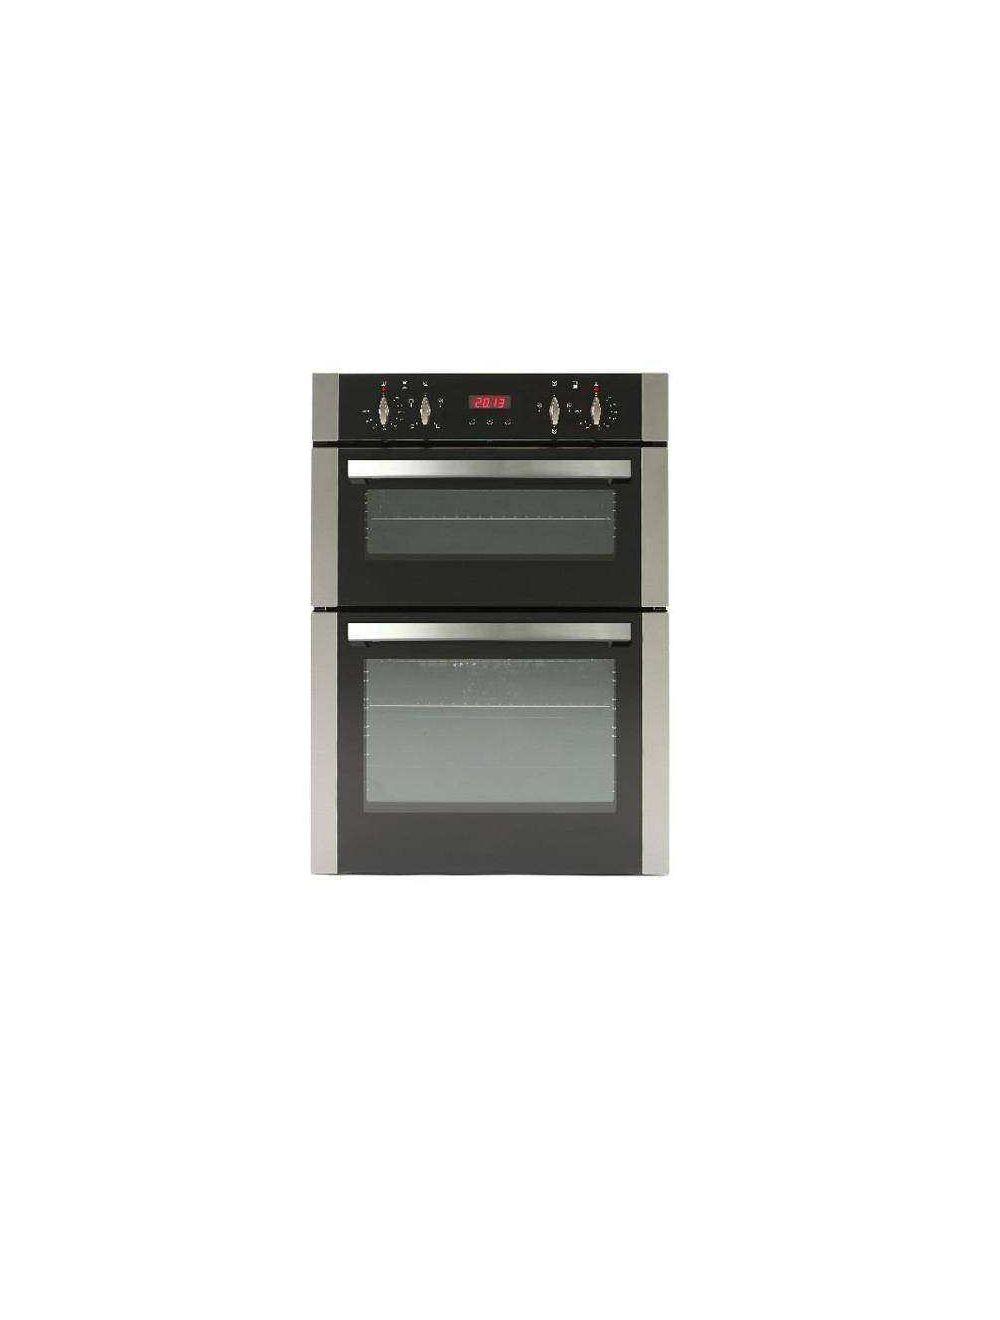 belair built in double oven